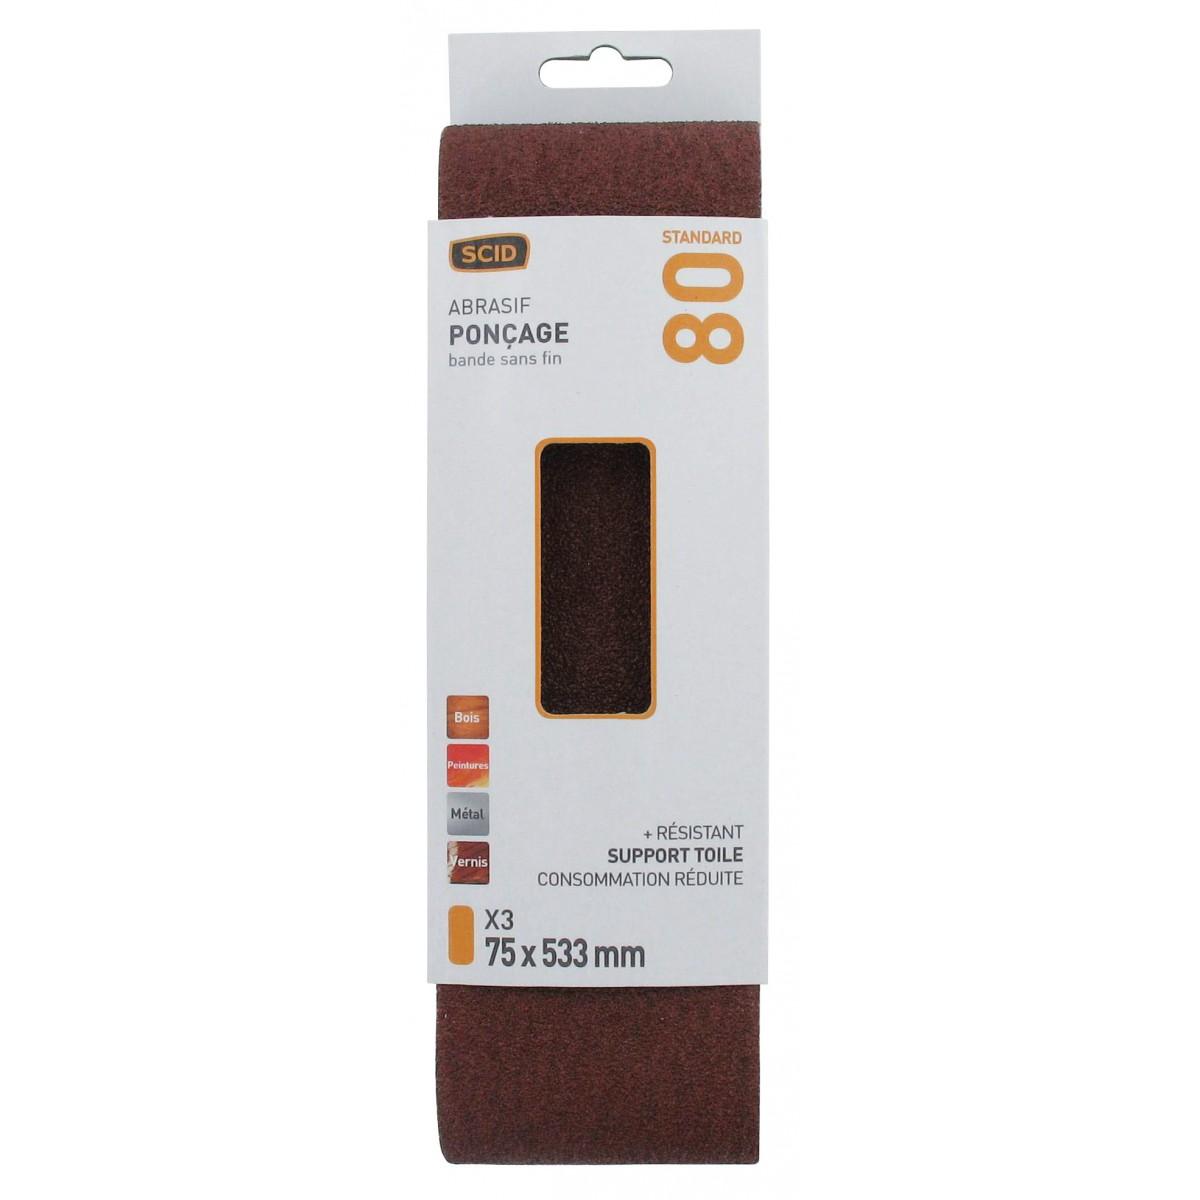 Bande sans fin abrasive SCID - Dimensions 75 x 533 mm - Grain 80 - Vendu par 3